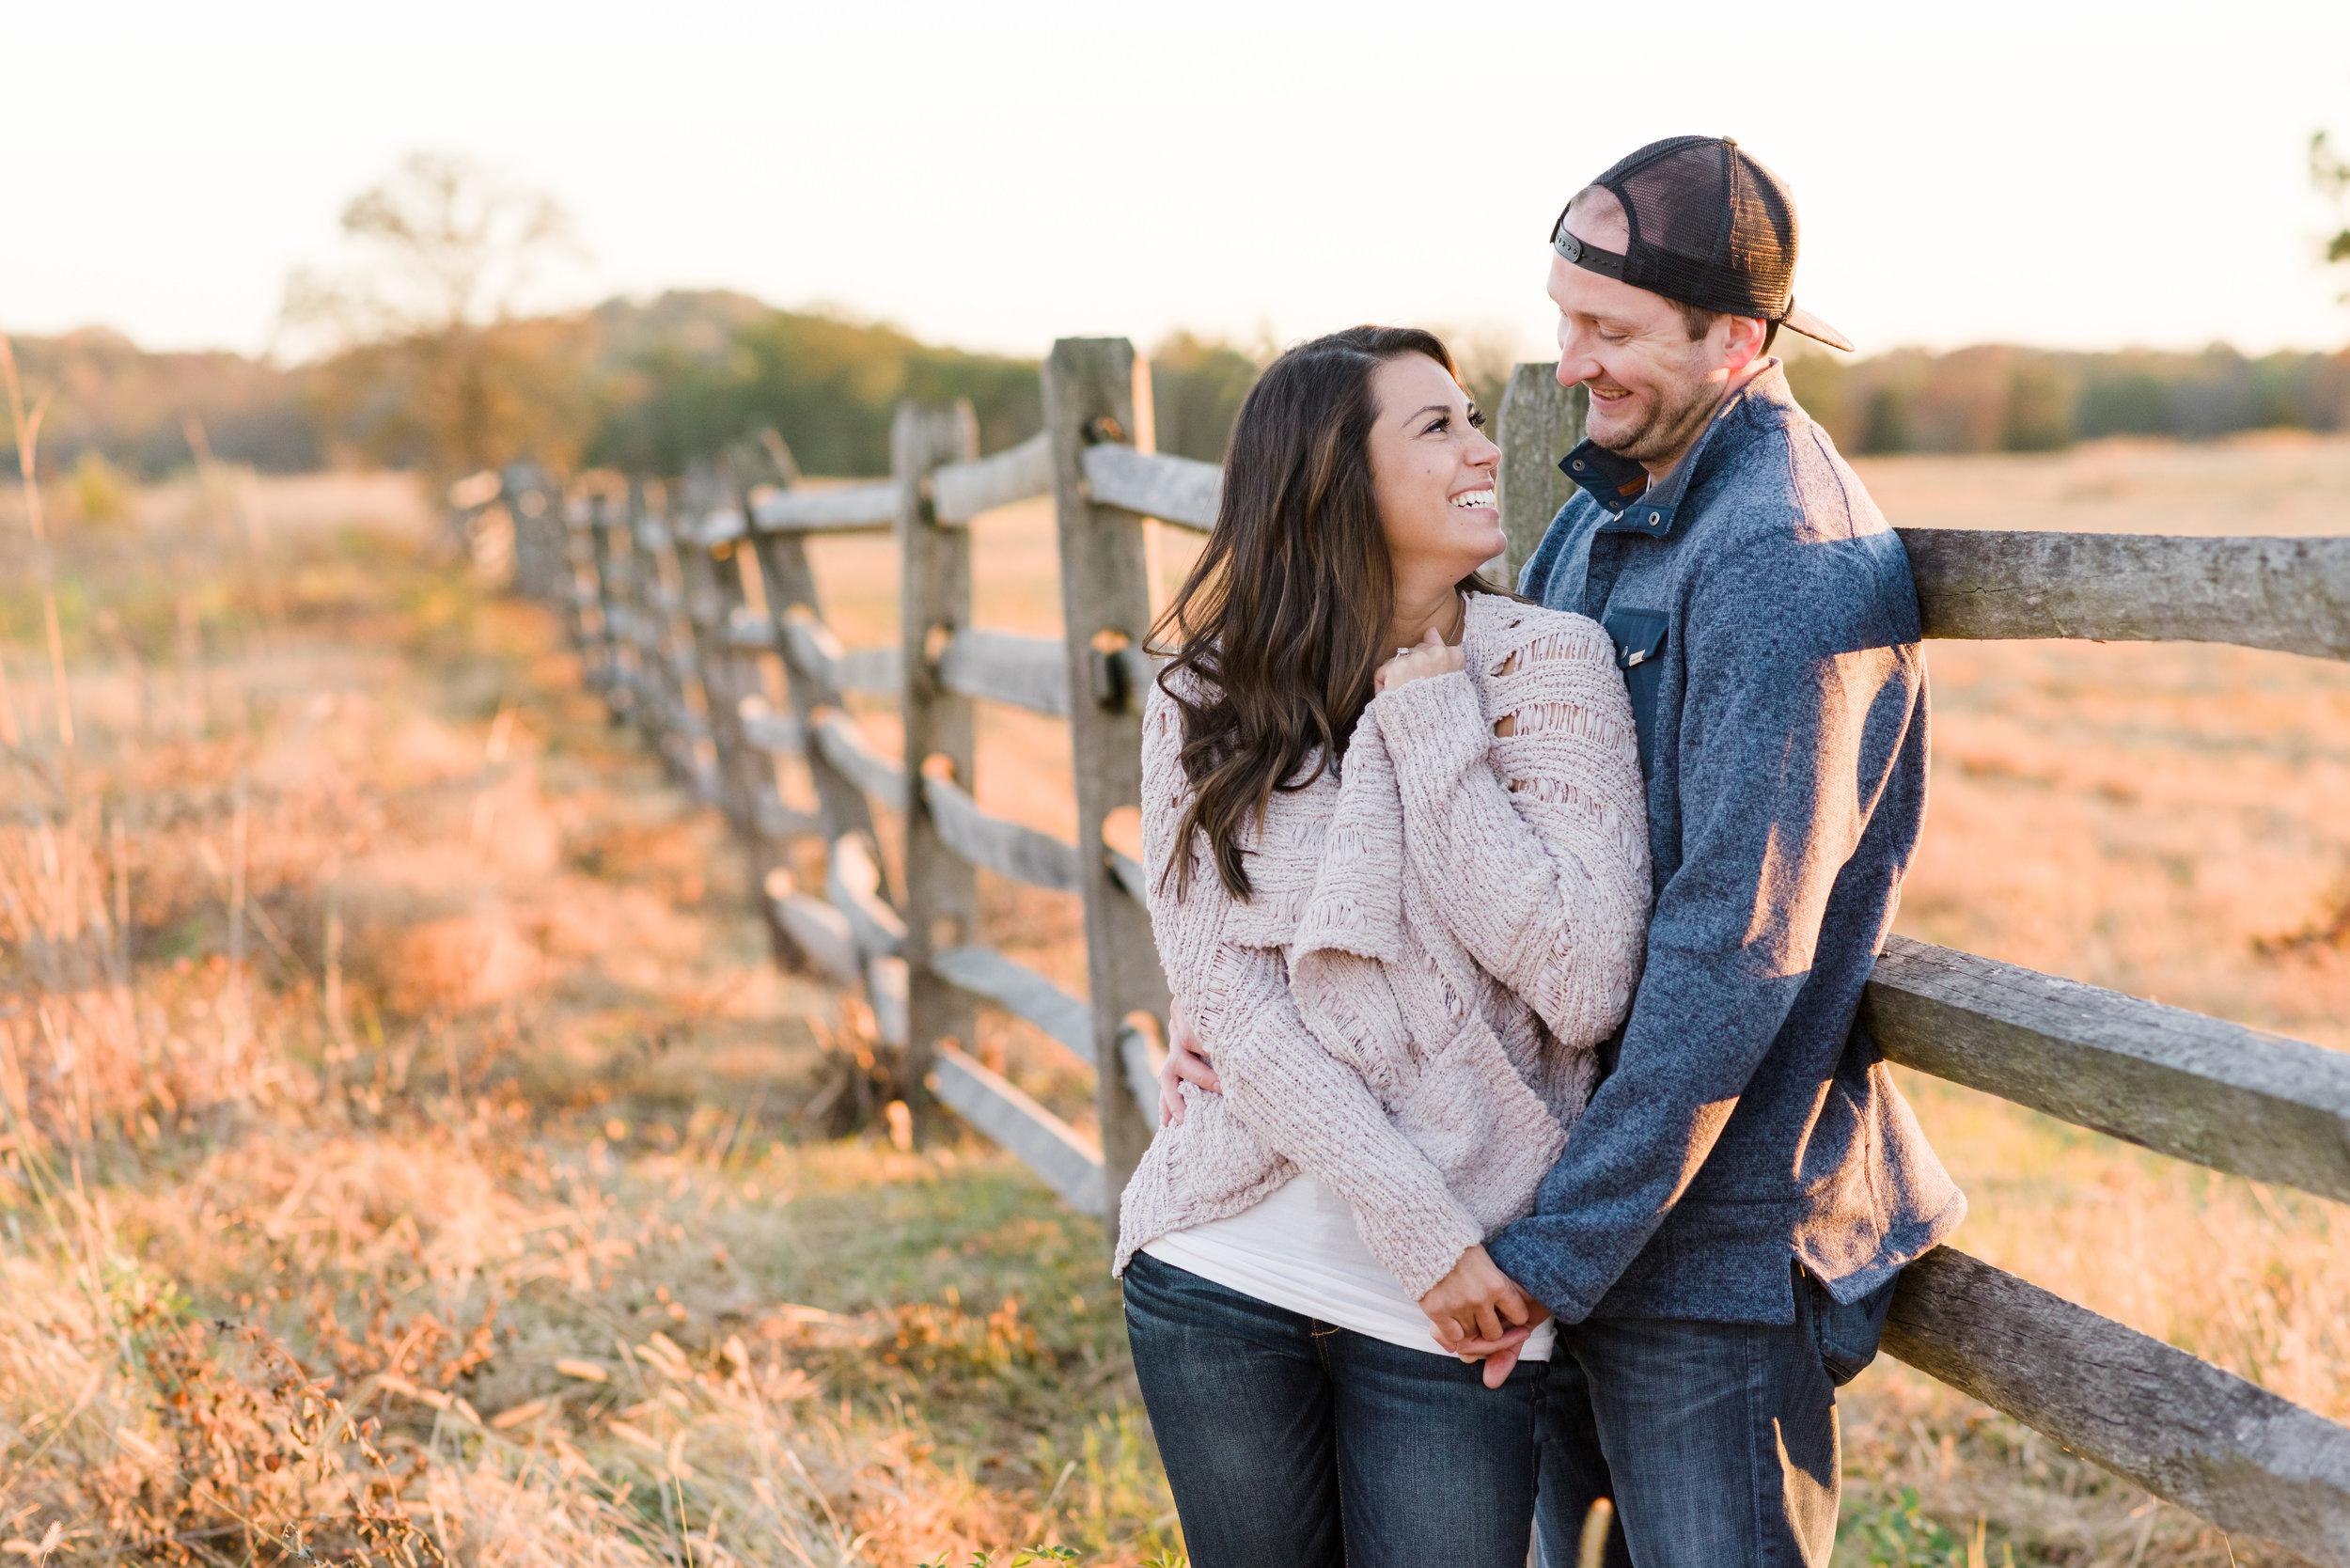 Kirsten-Smith-Photography-Michelle-Scott-Engaged-31.jpg